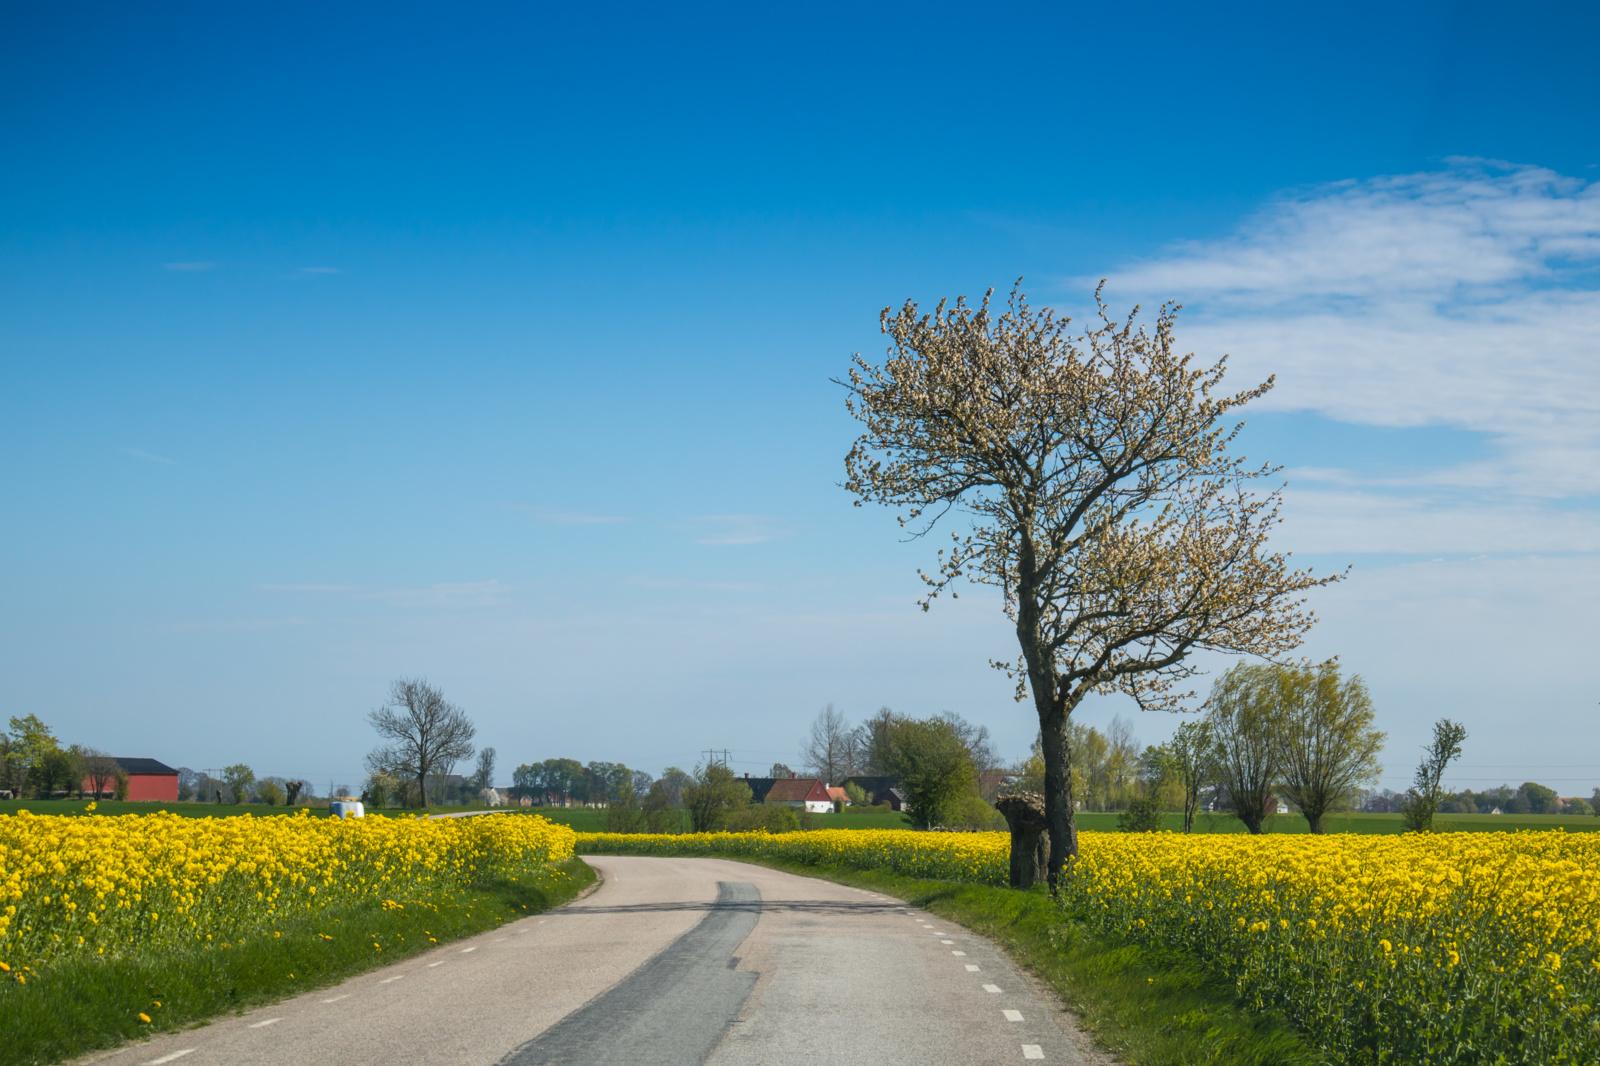 Šalies kelių dangos sausos, vietomis – drėgnos